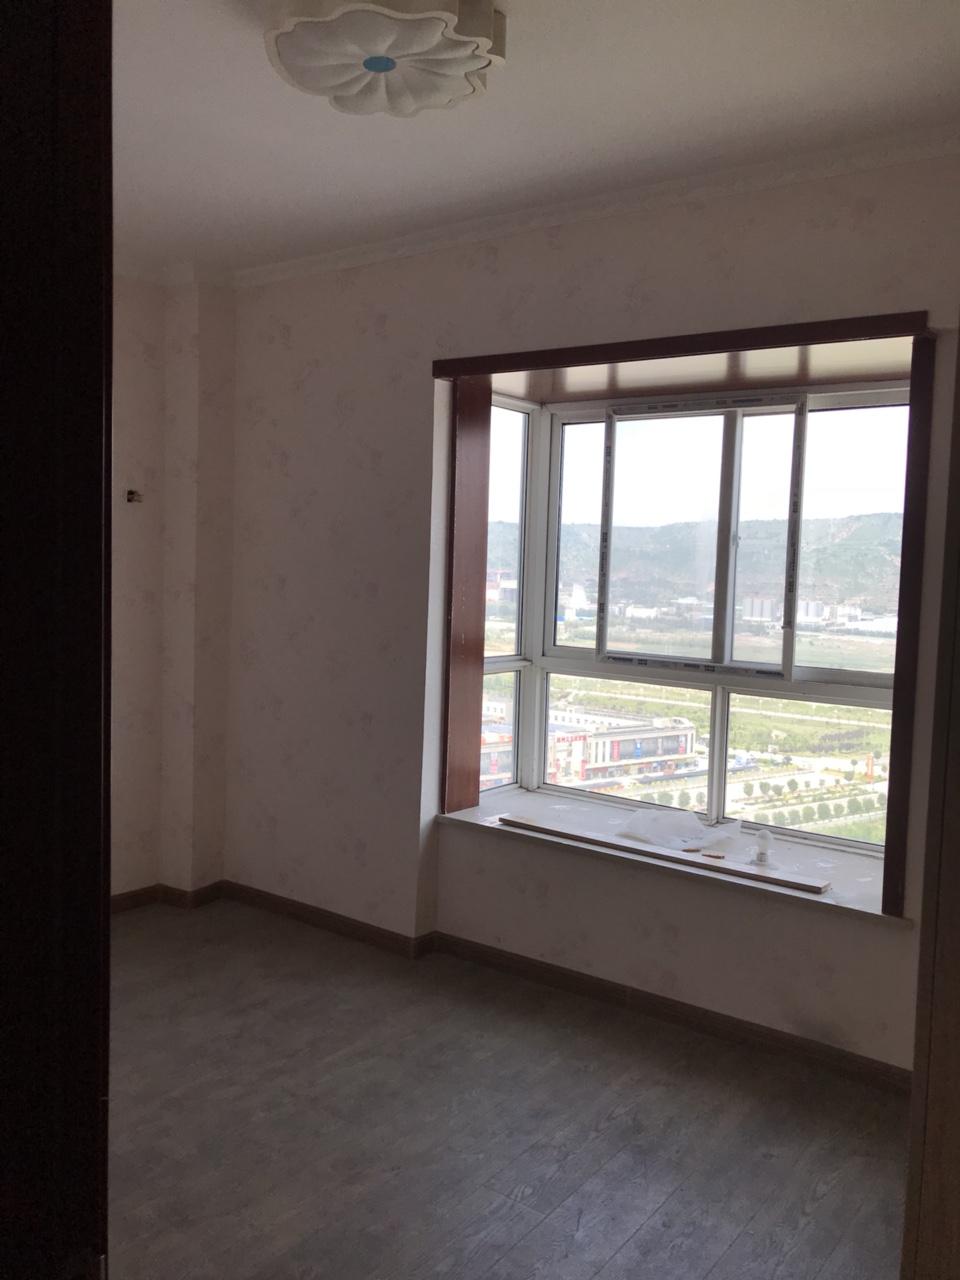 【出售】腾宇国际3室2厅2卫56万元